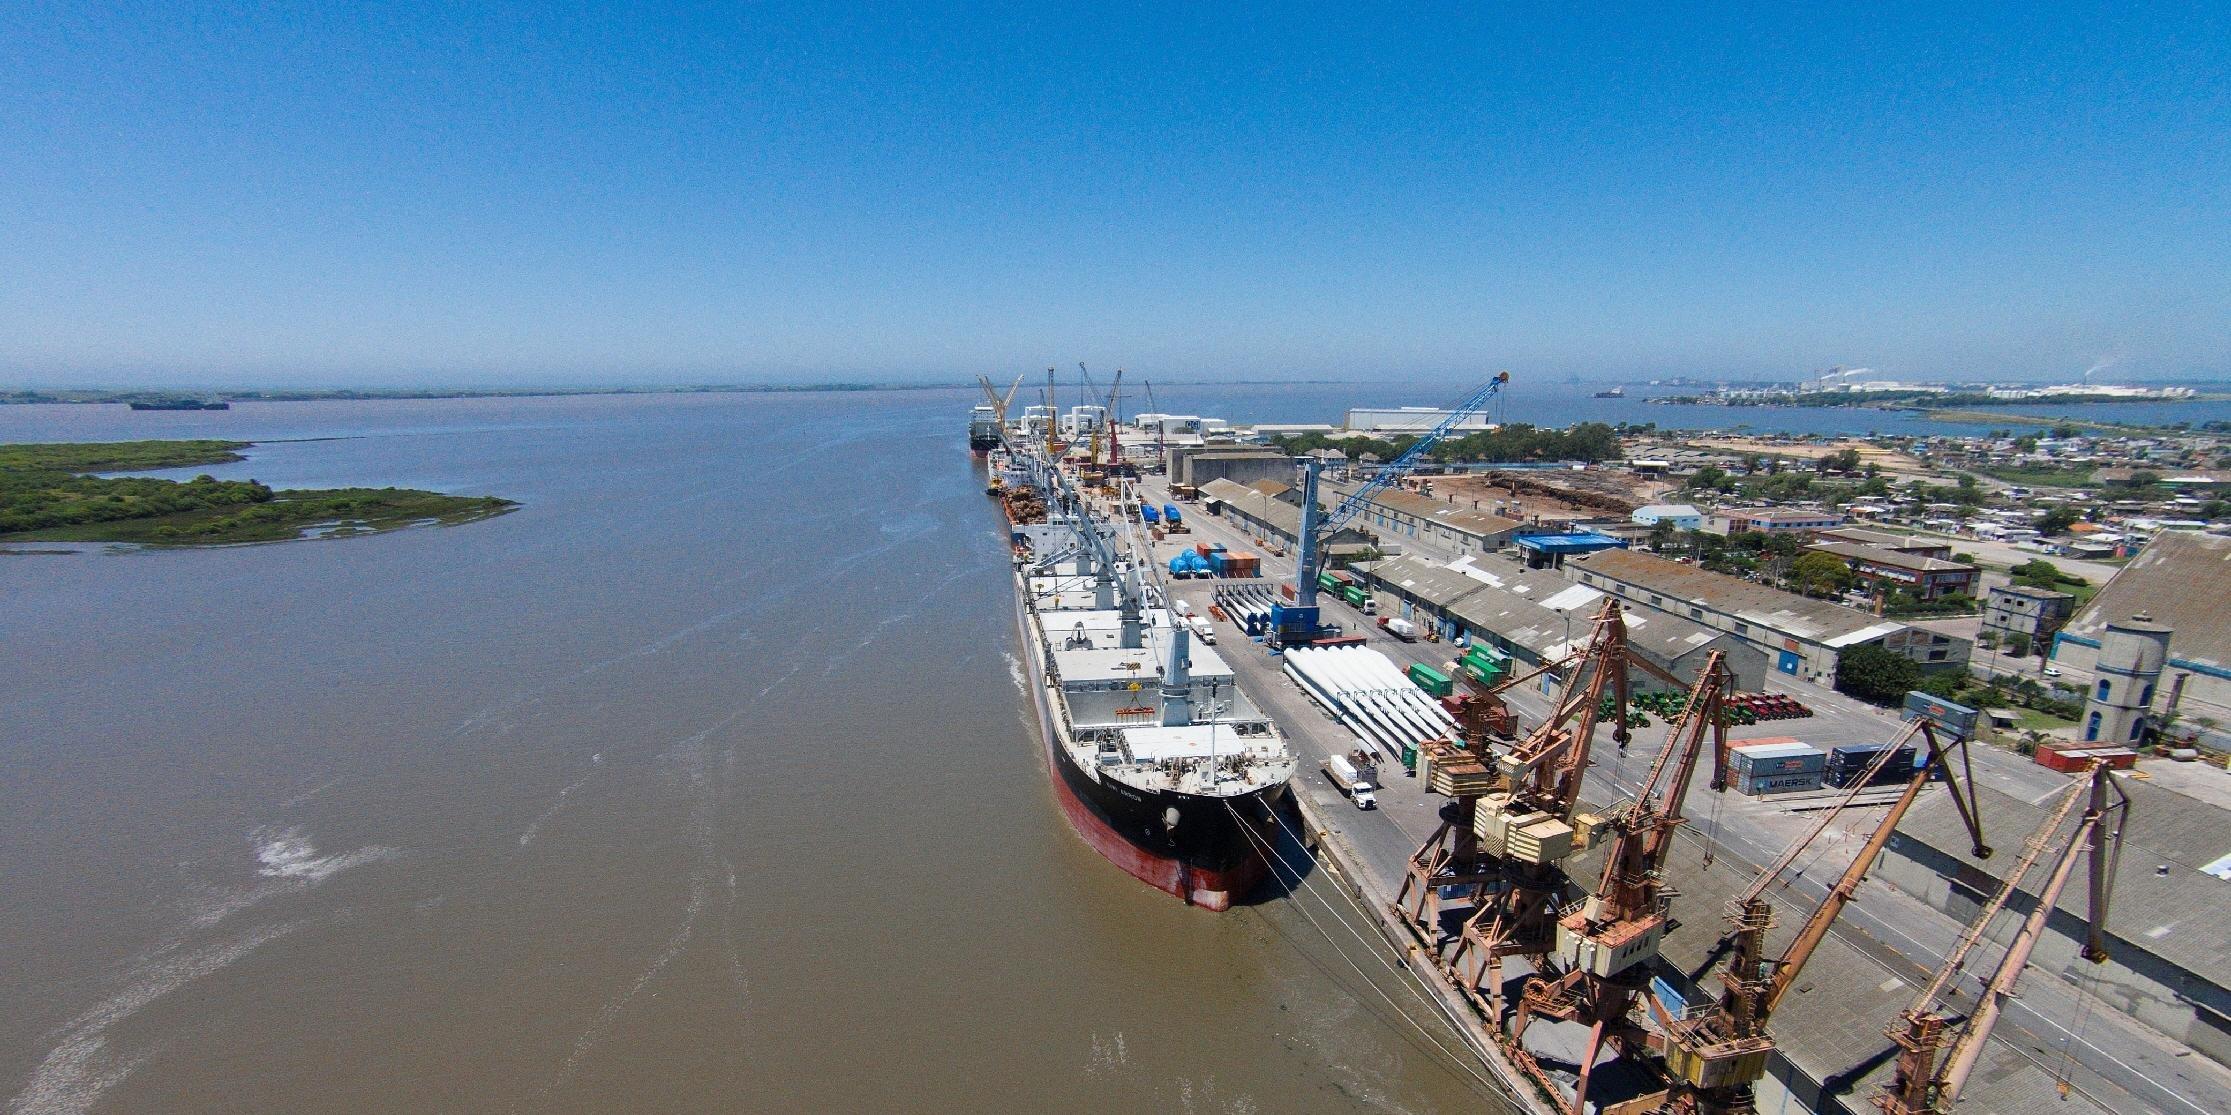 Aumento da capacidade de calado do porto de Rio Grande de 40 para 60 pés permitiria redução nos custos de embarque